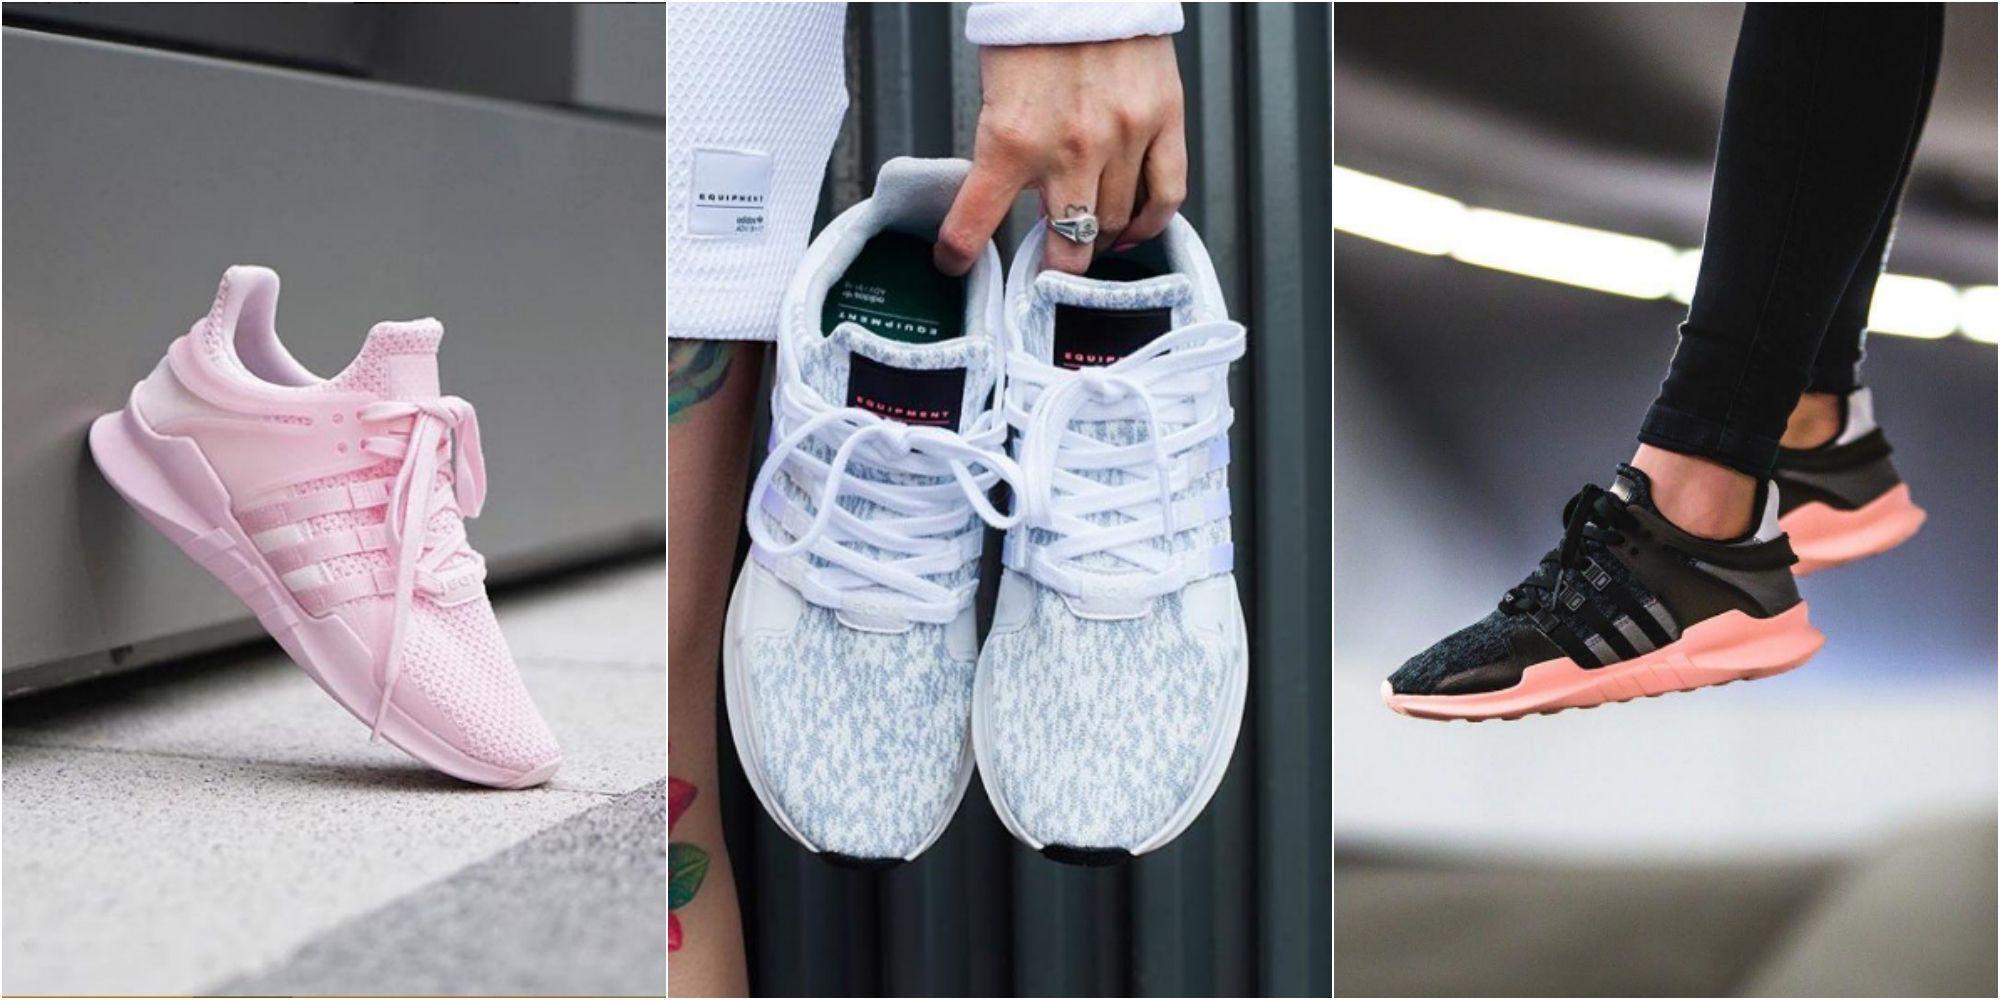 Le nuove sneakers Adidas per cui vanno tutte matte